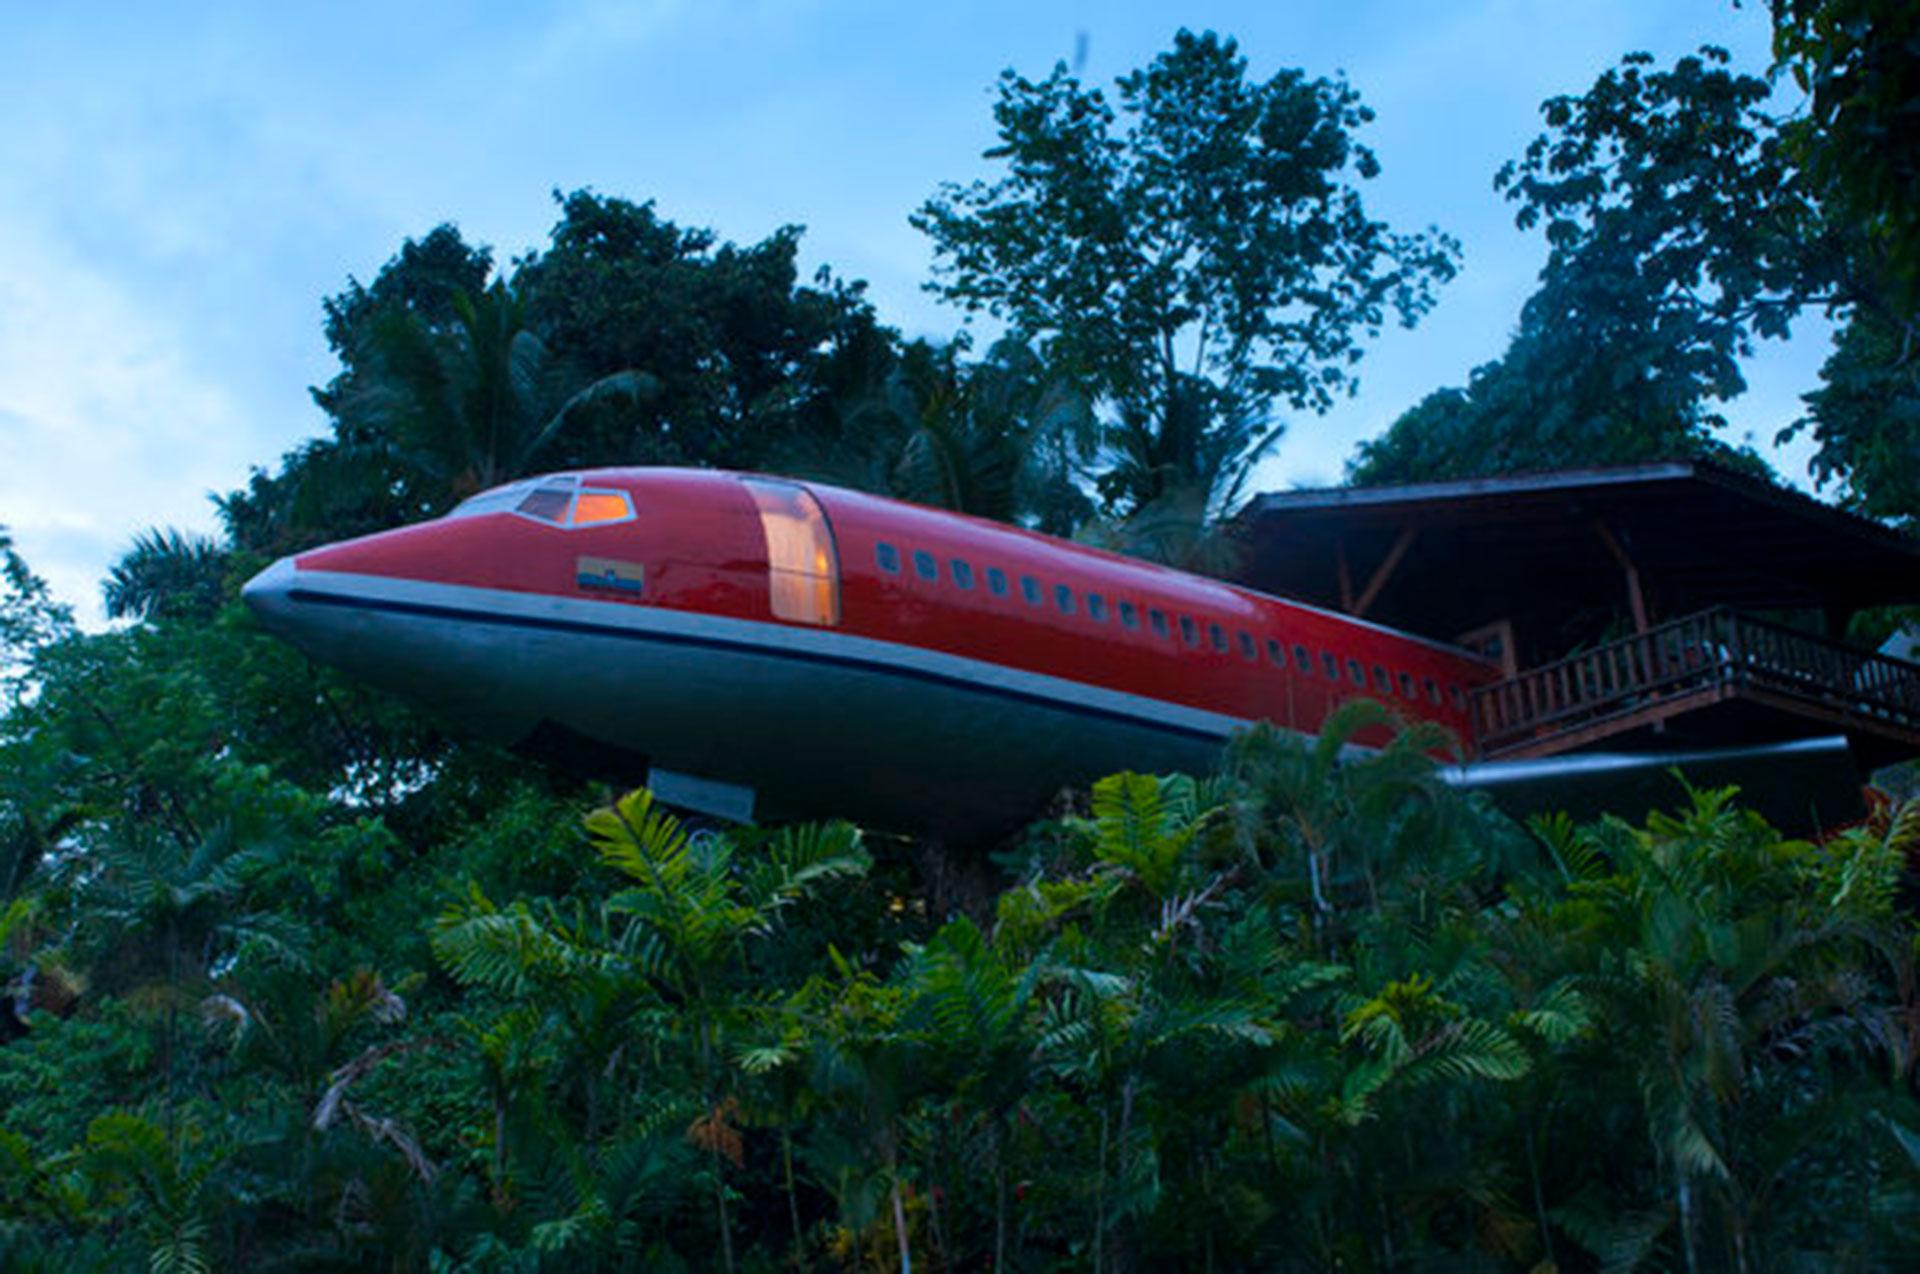 Hotel Costa Verde (Quepos, Costa Rica). Situado en el Parque Nacional Manuel Antonio, destaca por su suite de dos habitaciones construida dentro de un Boeing 727